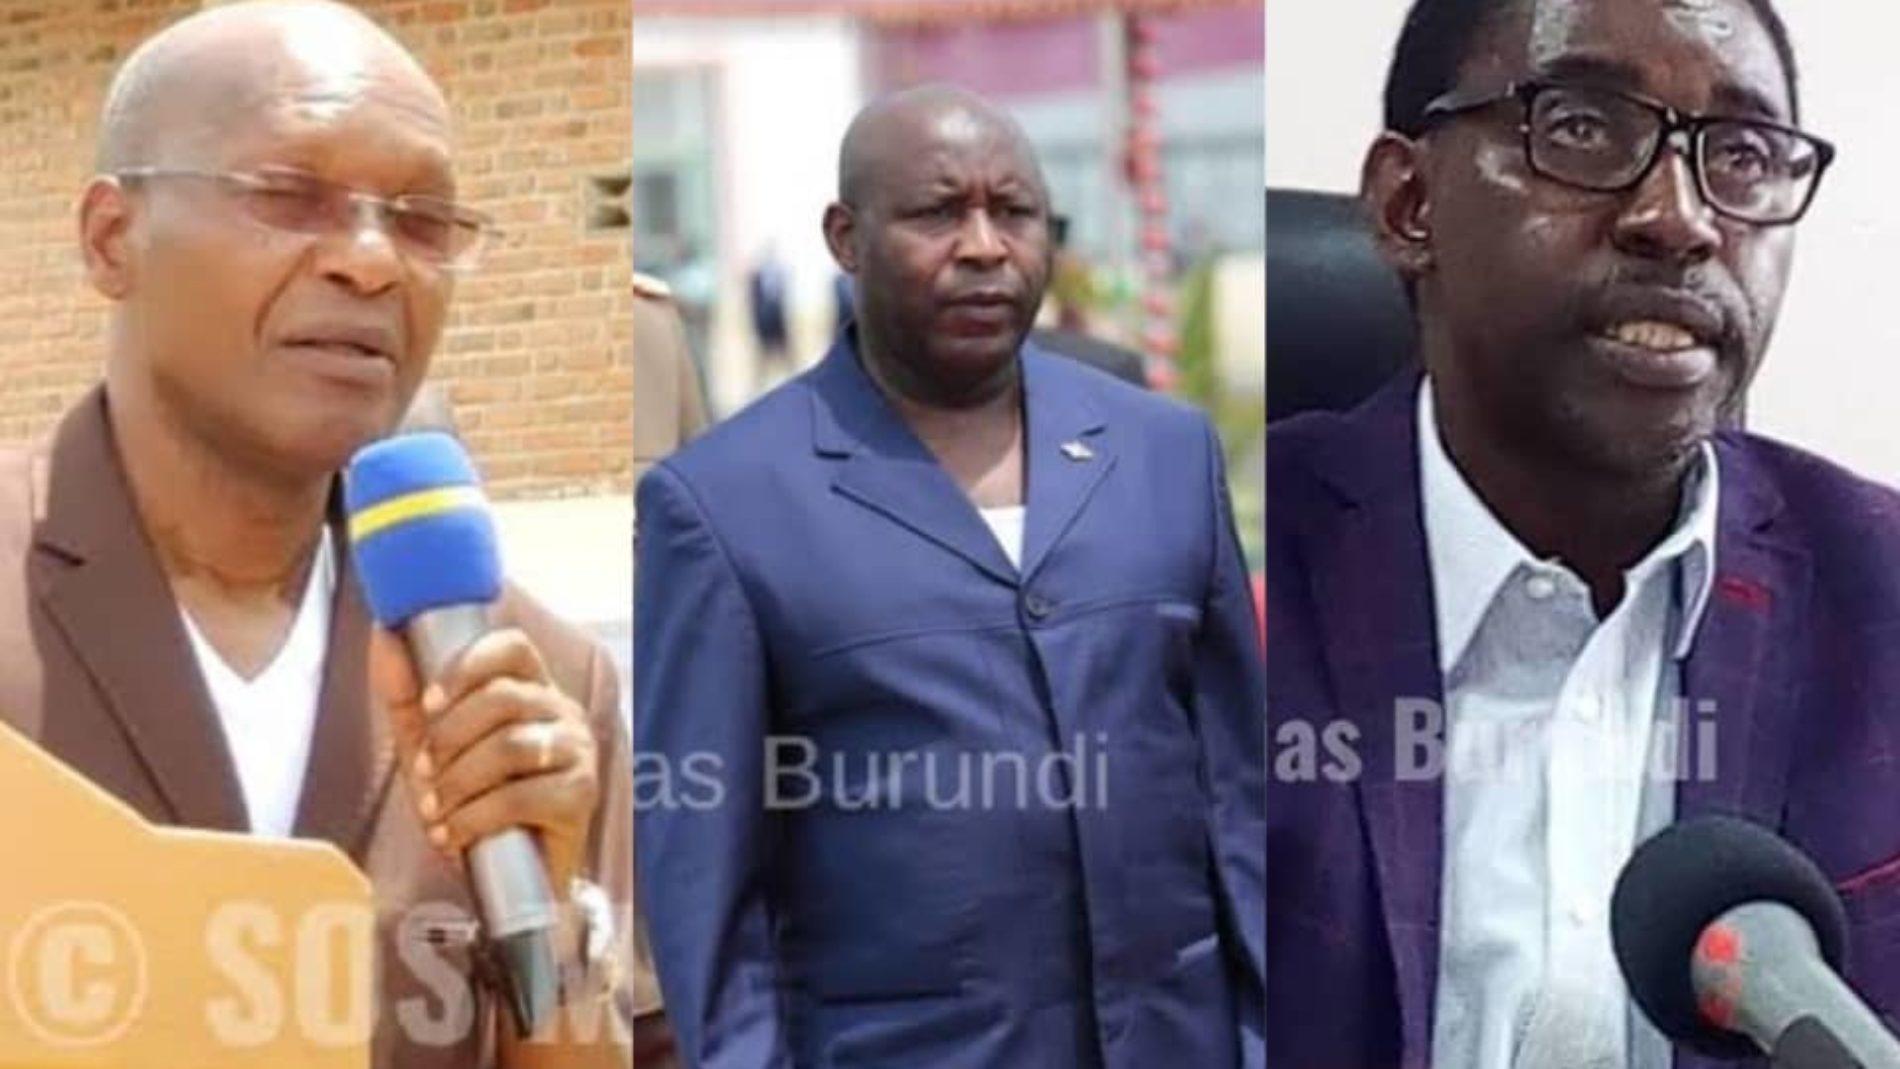 Burundi : les autorités continuent de nier les disparitions forcées